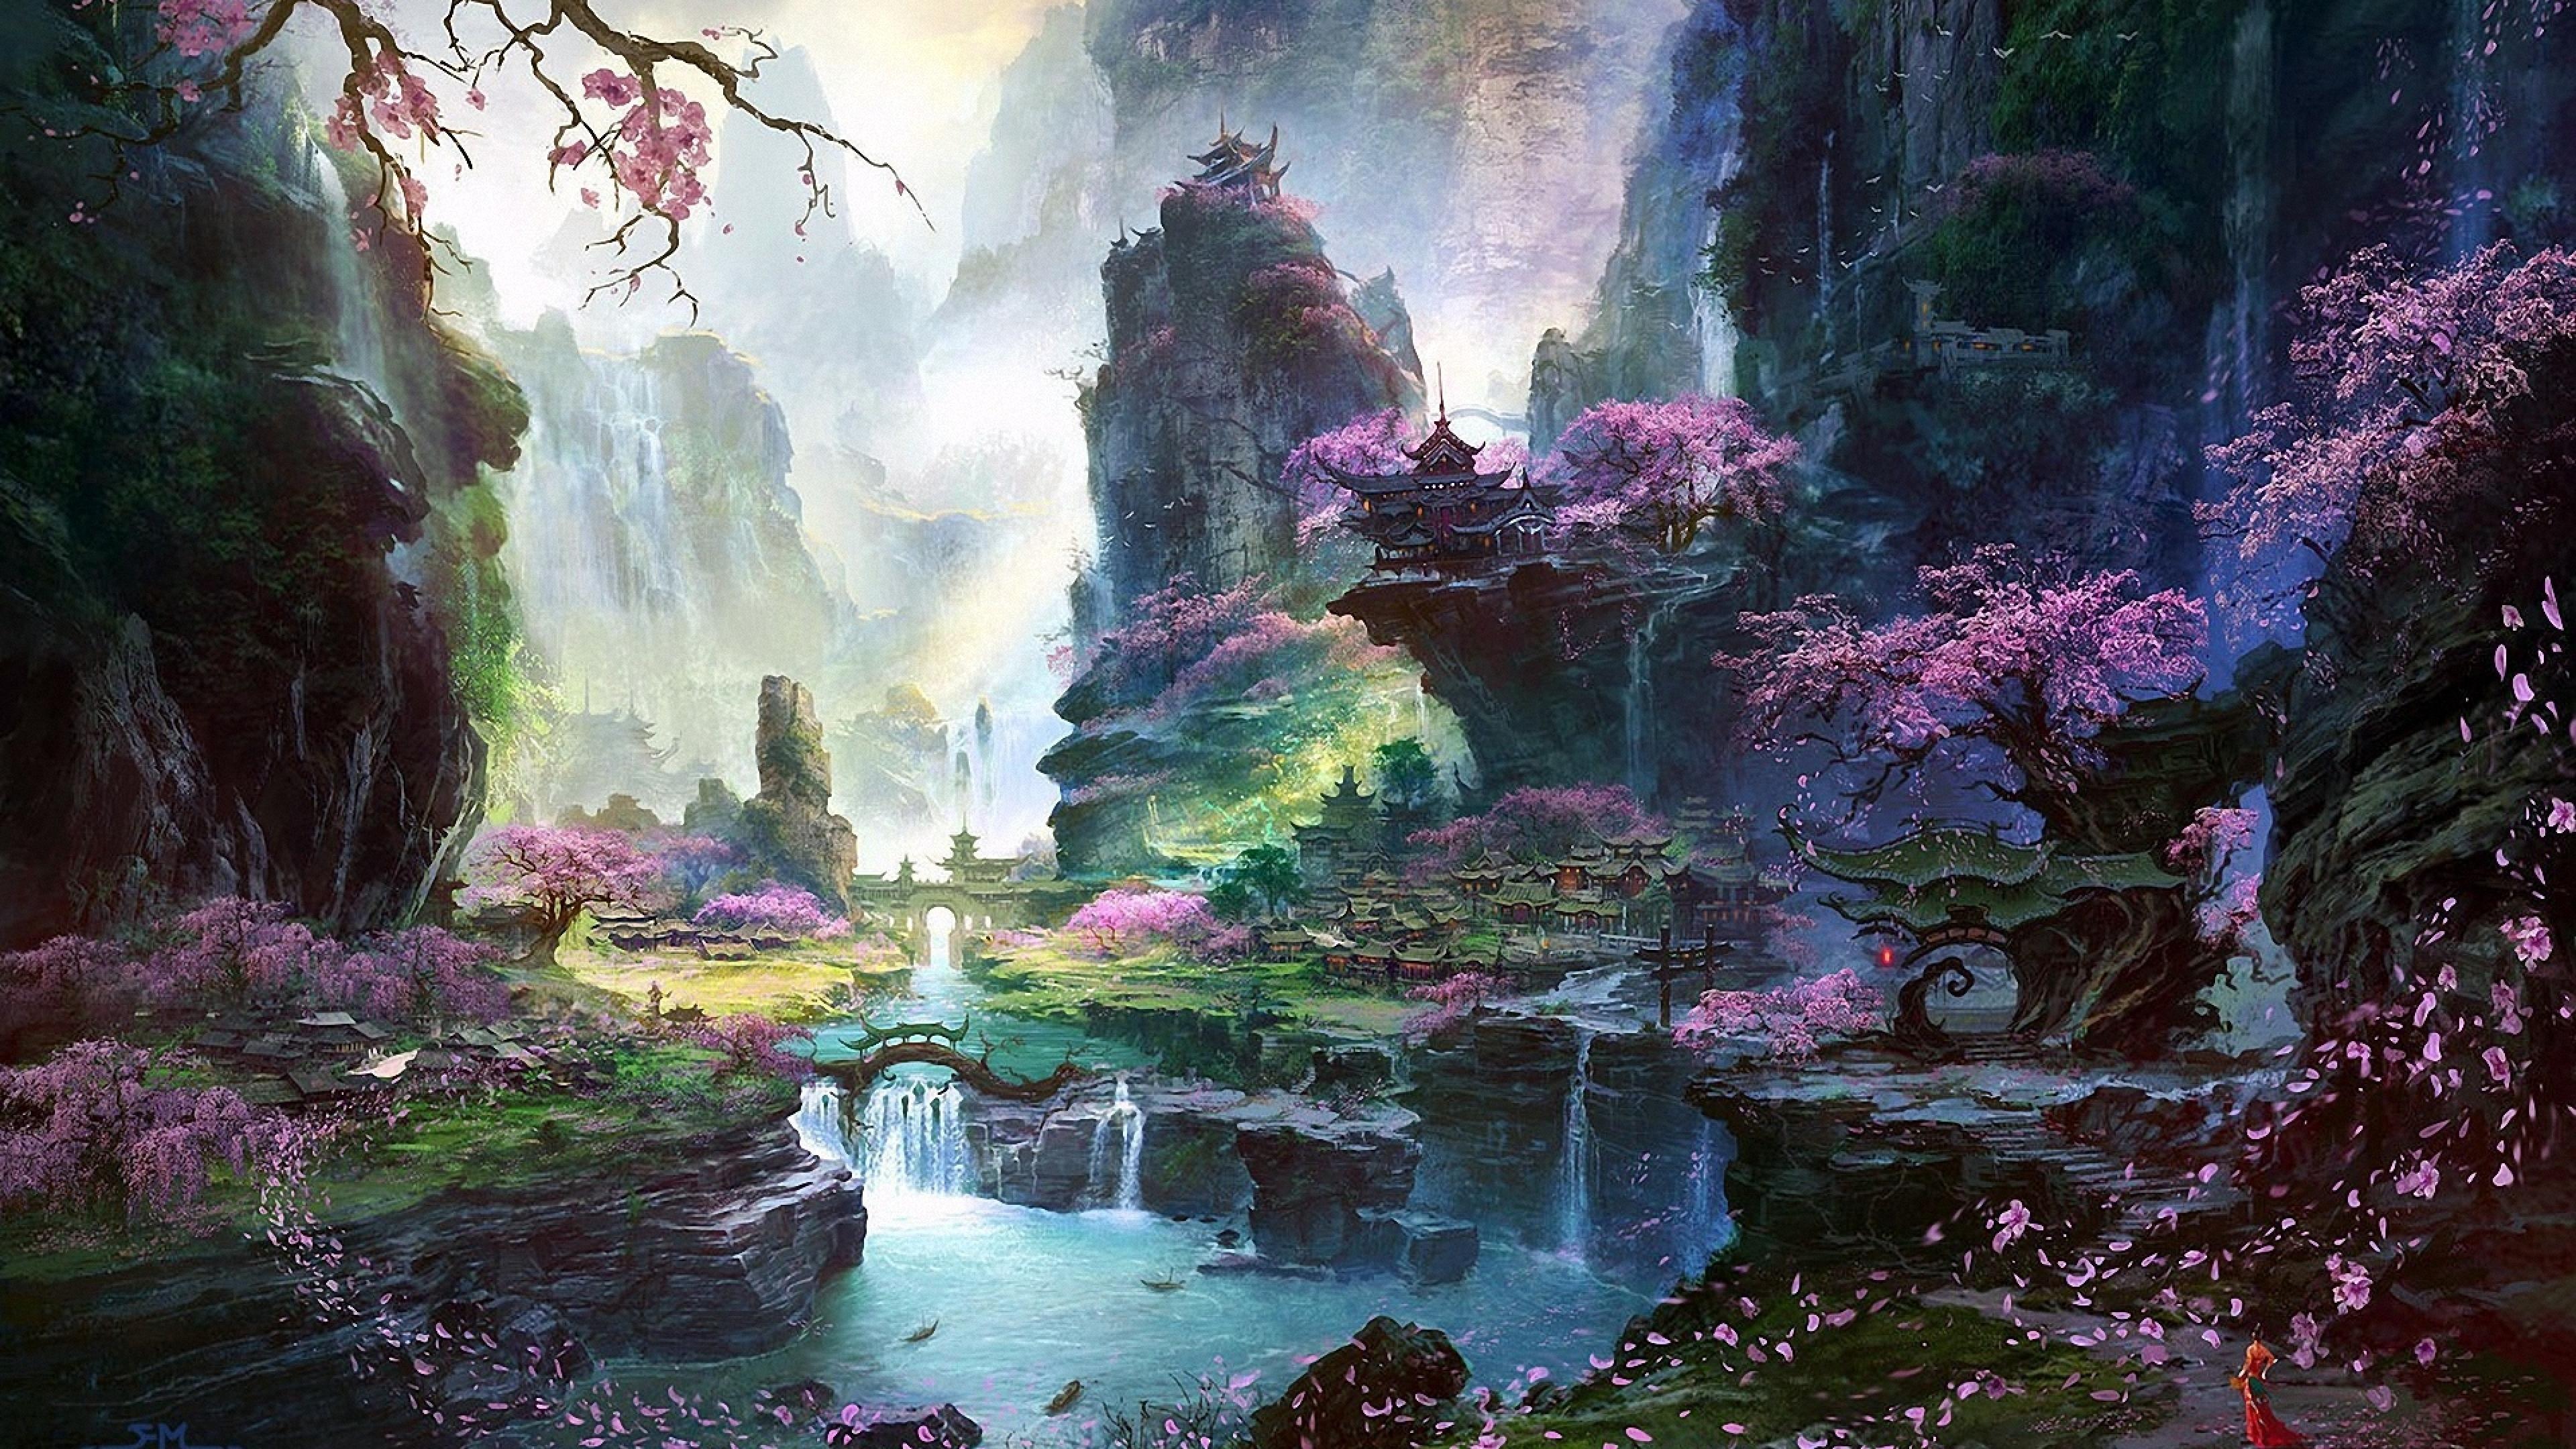 Download sakura tree wallpaper desktop background nbpep - Sakura desktop ...